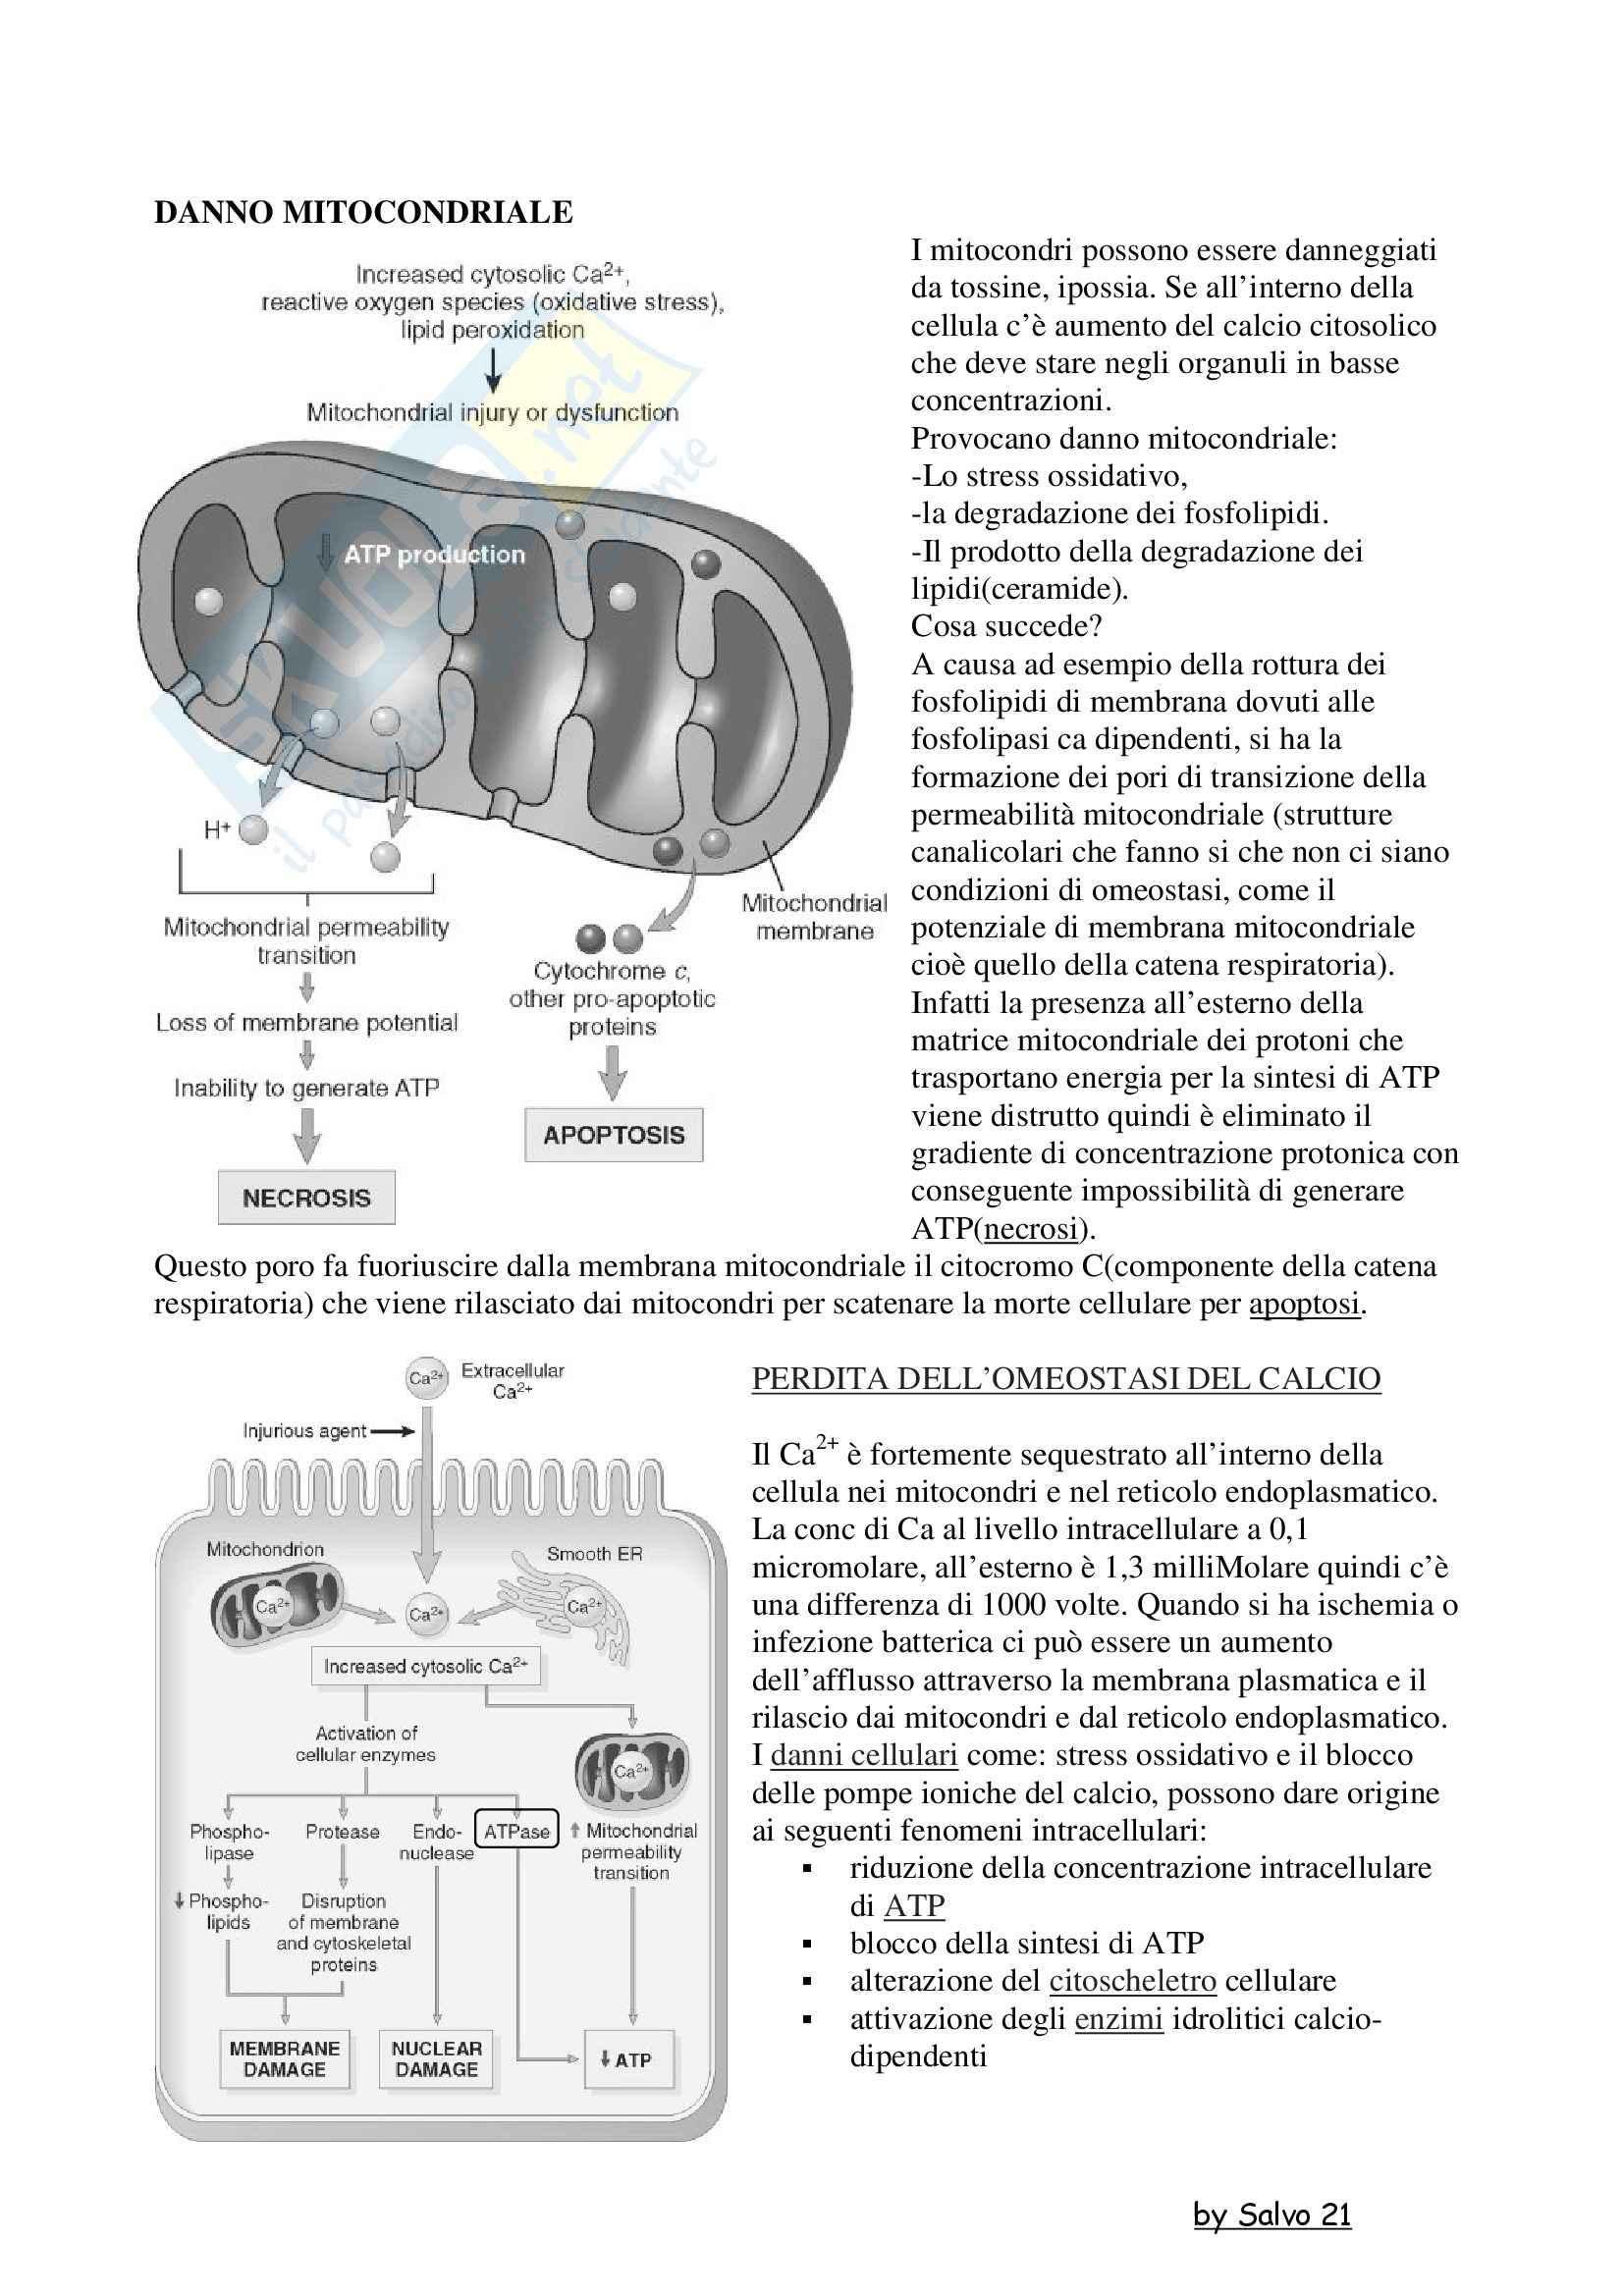 Patologia generale - il danno mitocondriale